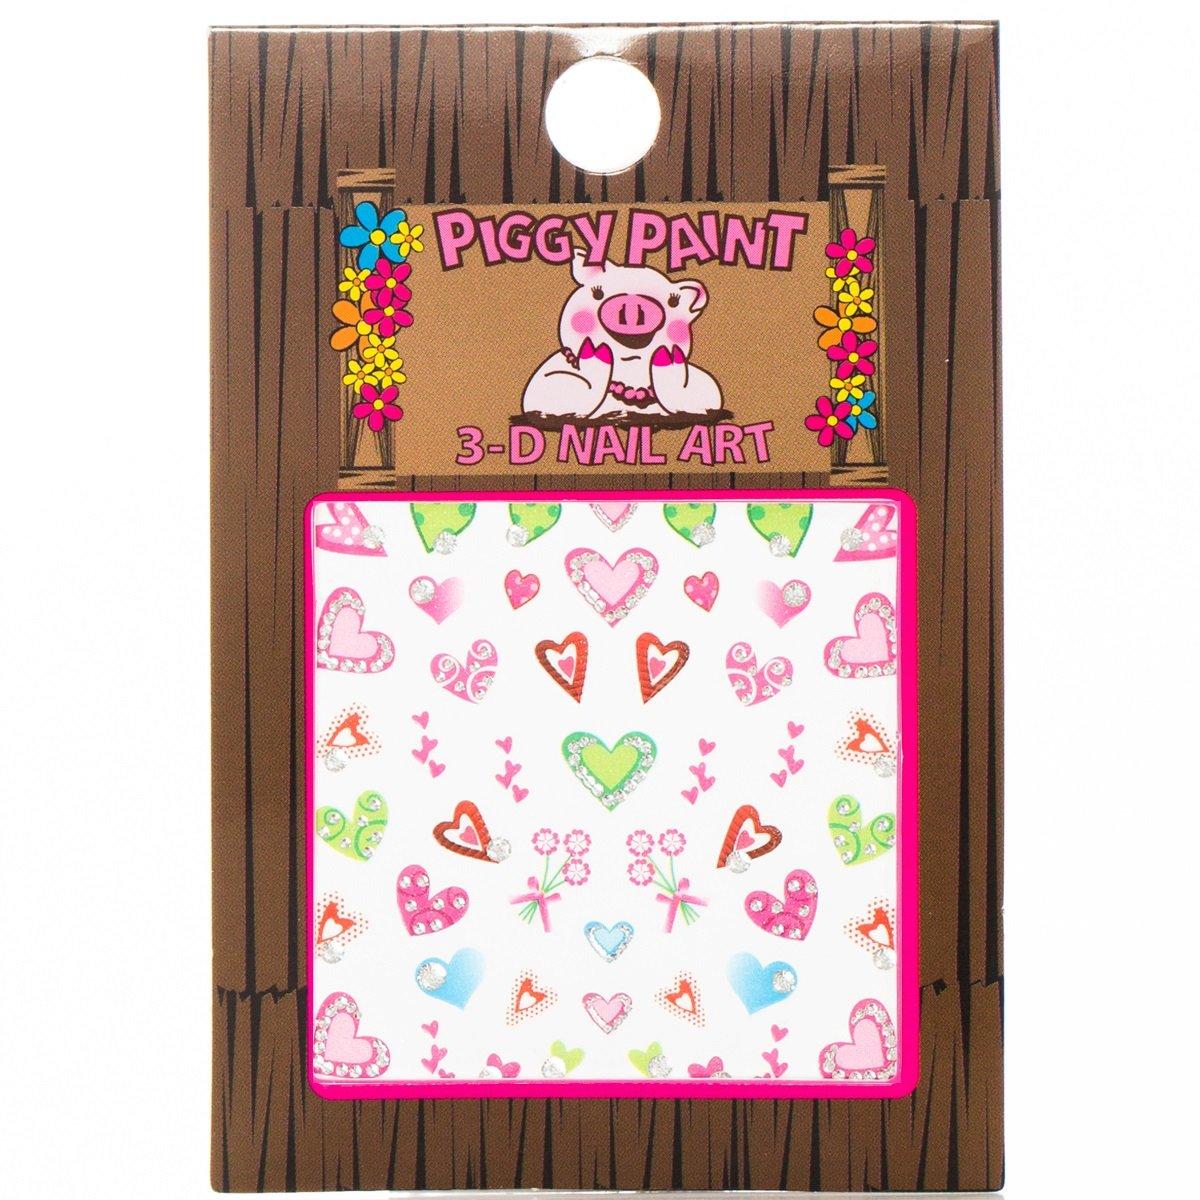 Piggy Paint 3-D Heart Nail Art, 1 Count 0902